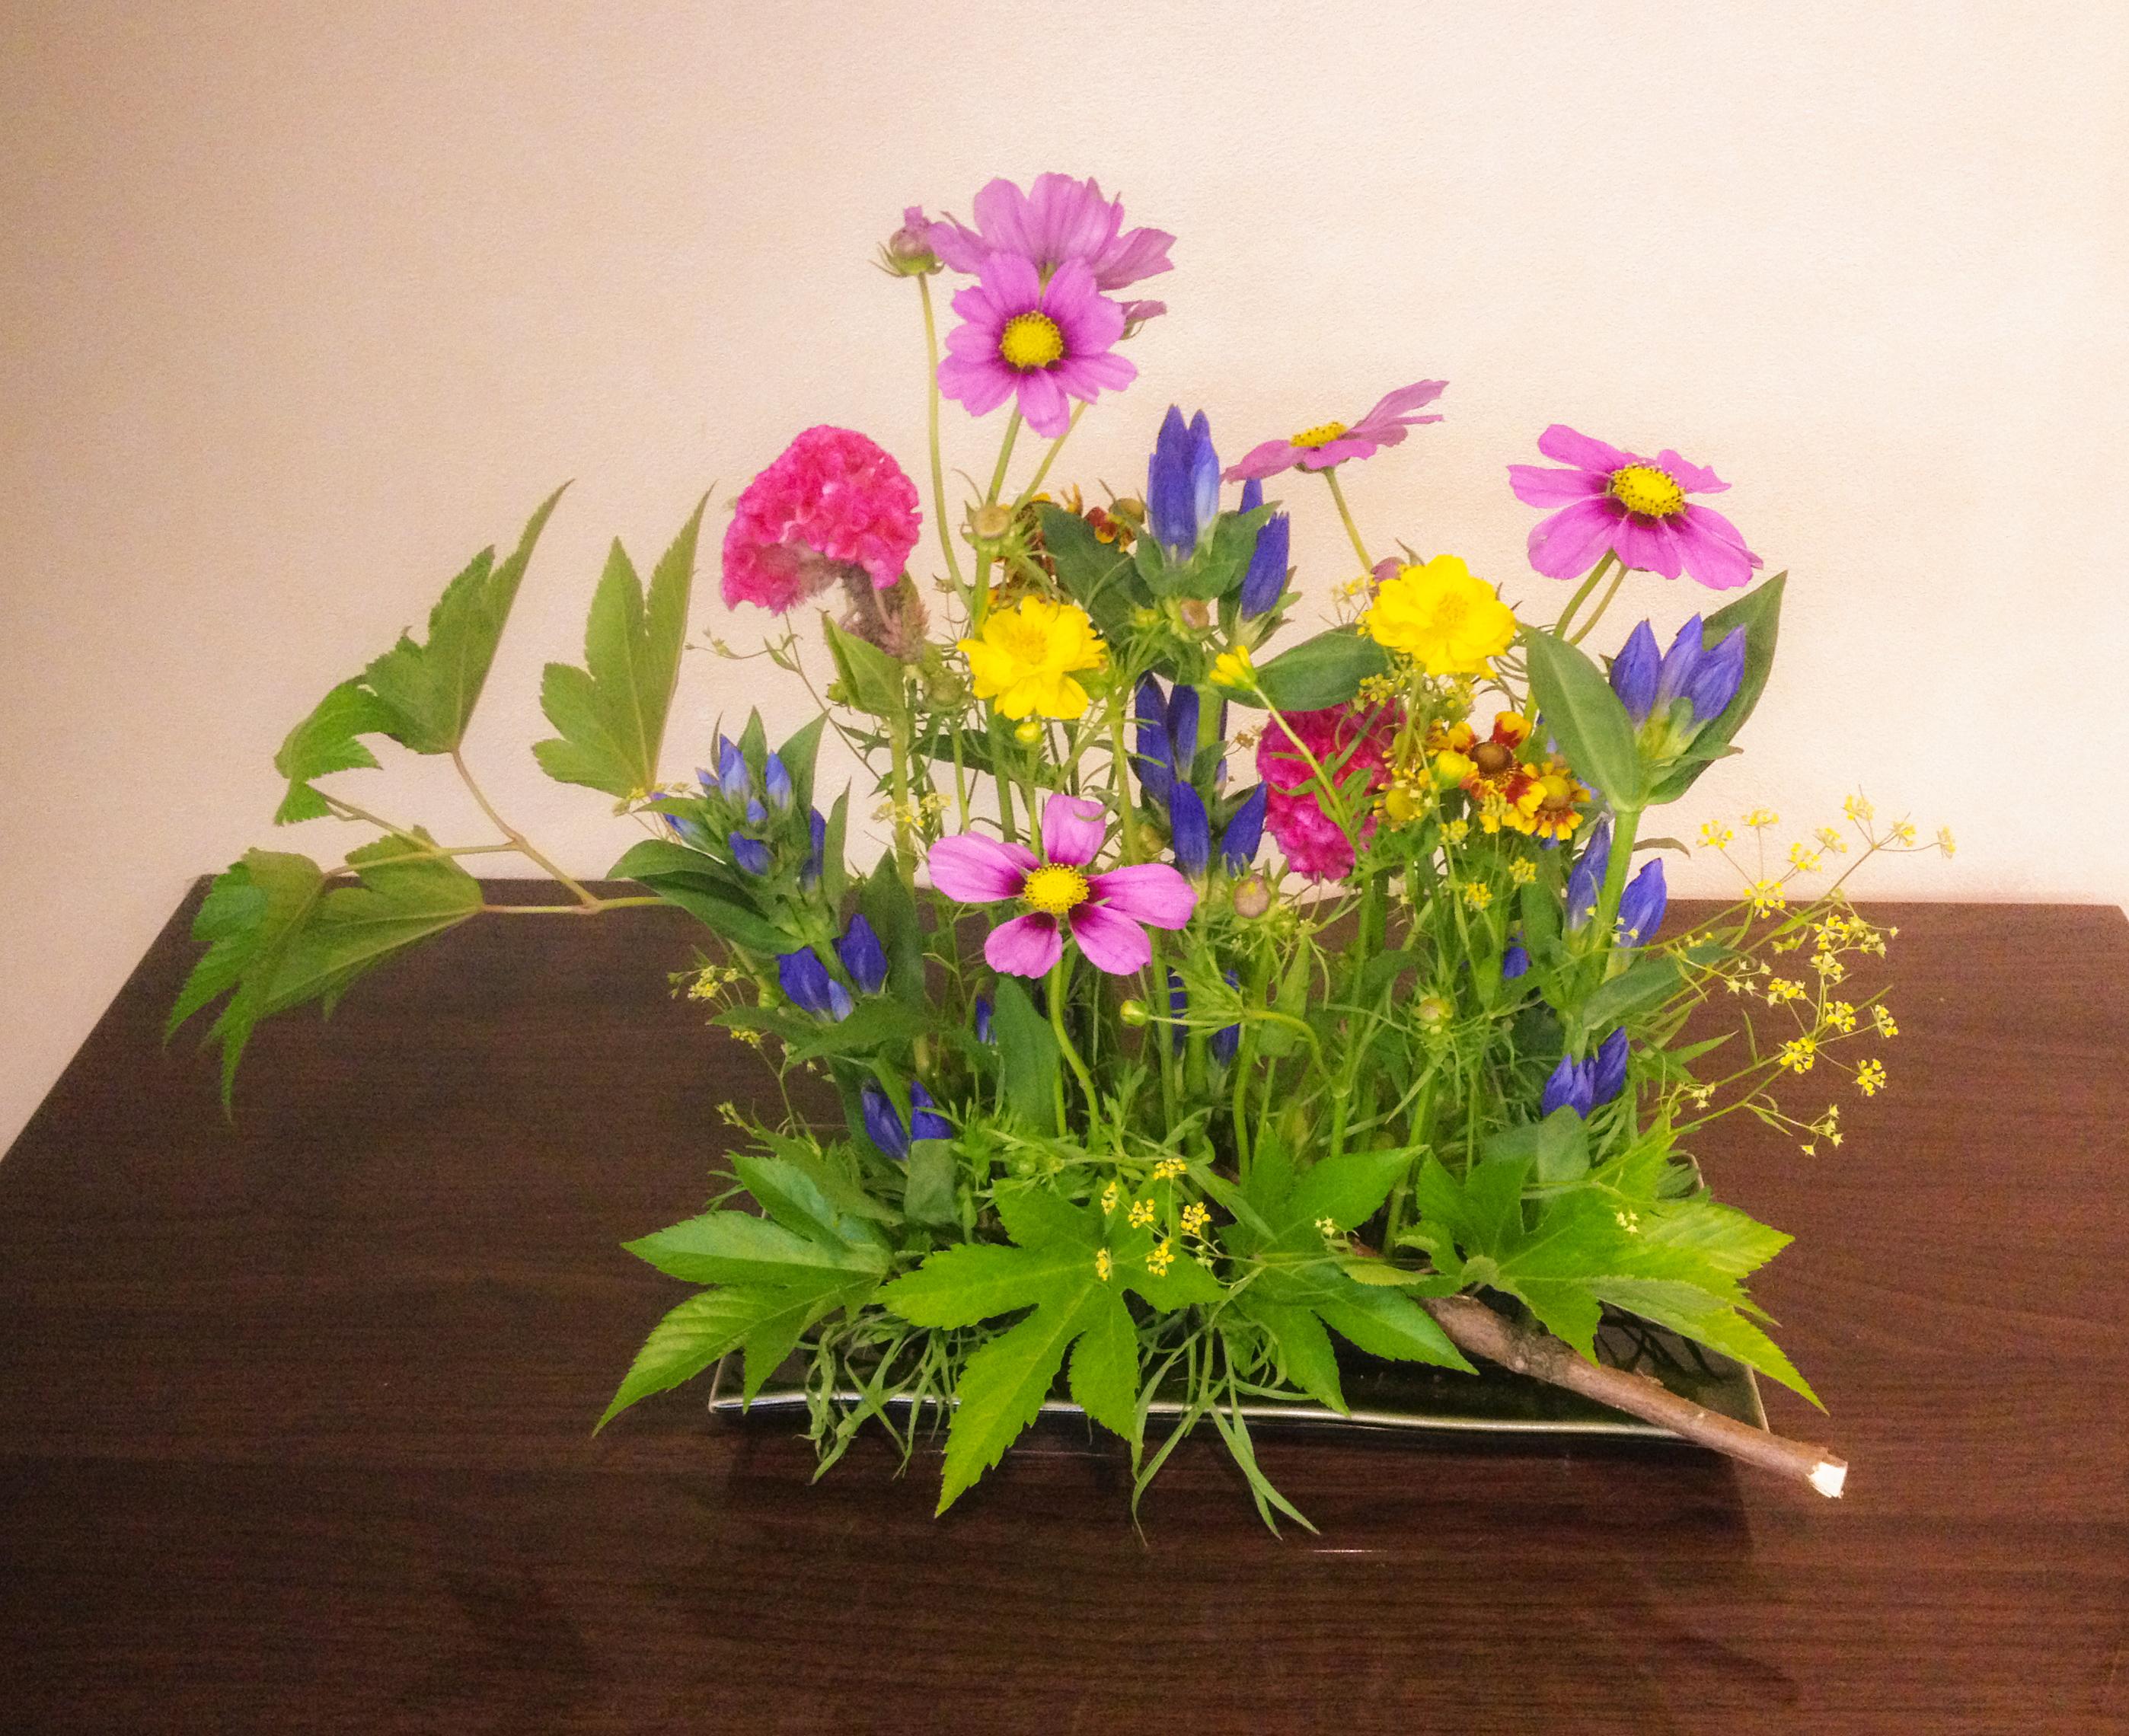 Little garden arrangement